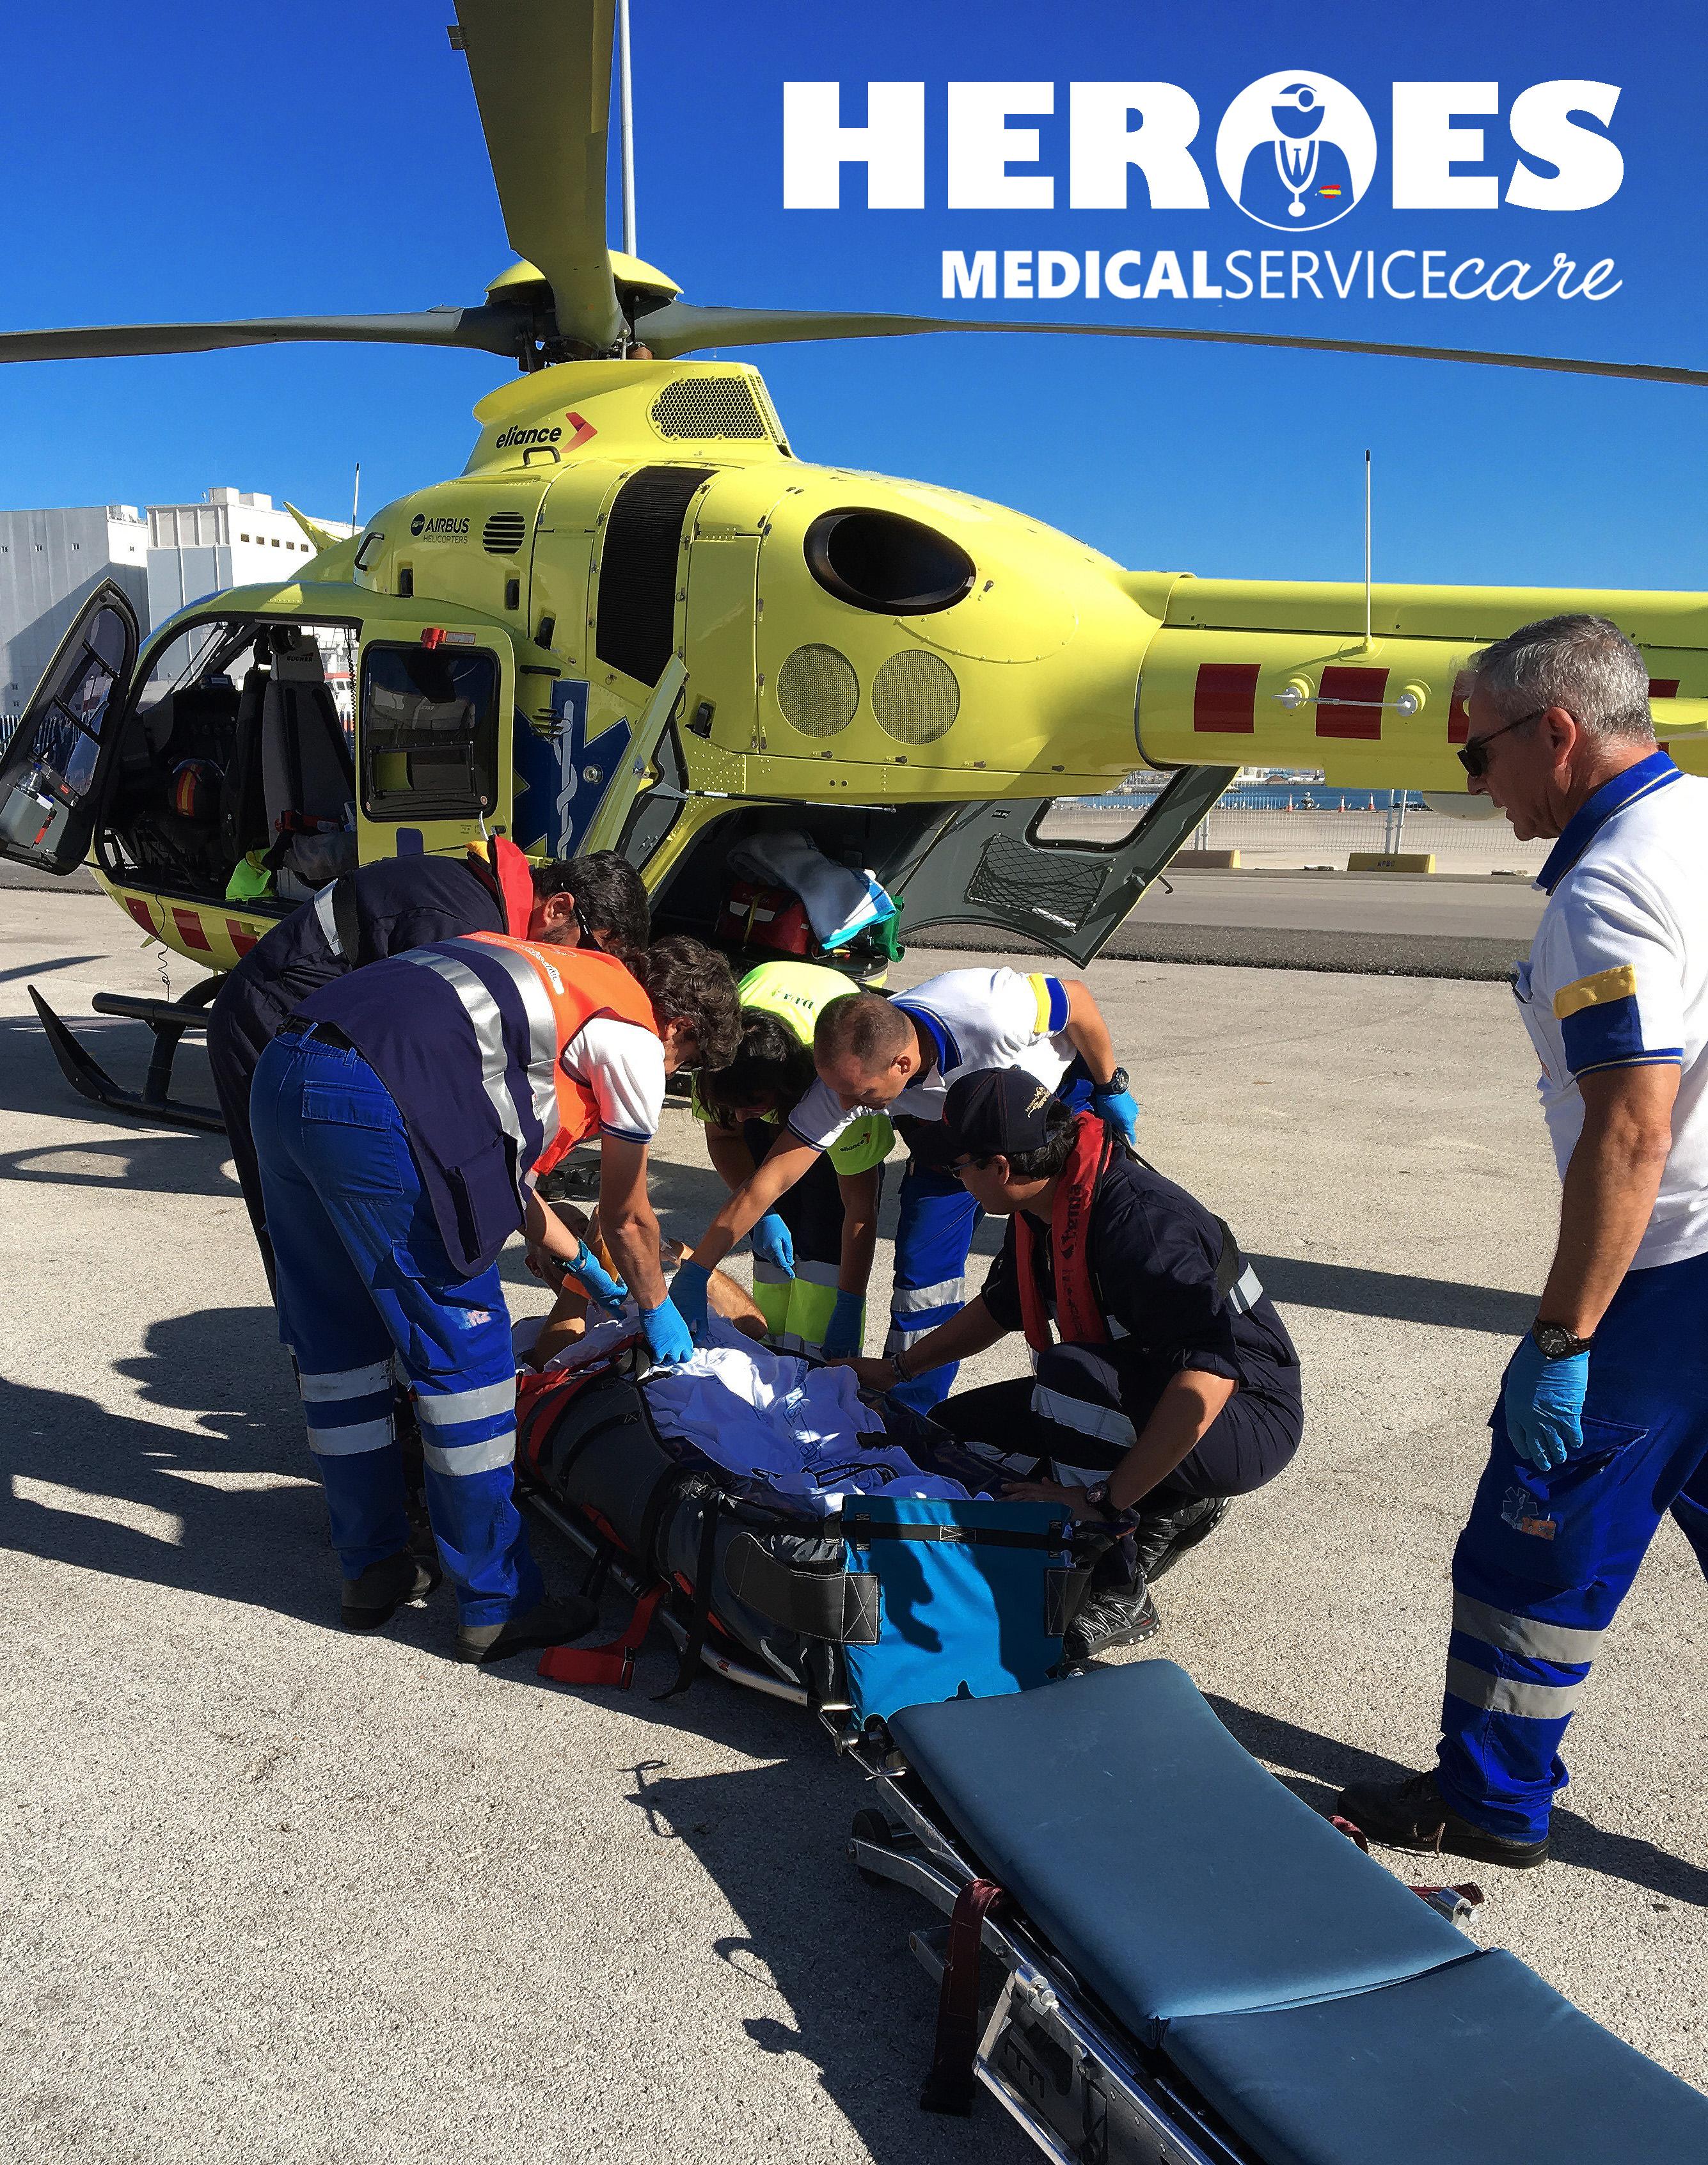 El Grupo Medical Service Care dedica un espacio a sus profesionales sanitarios, «nuestros HÉROES «, como los llaman sus compañeros de la central